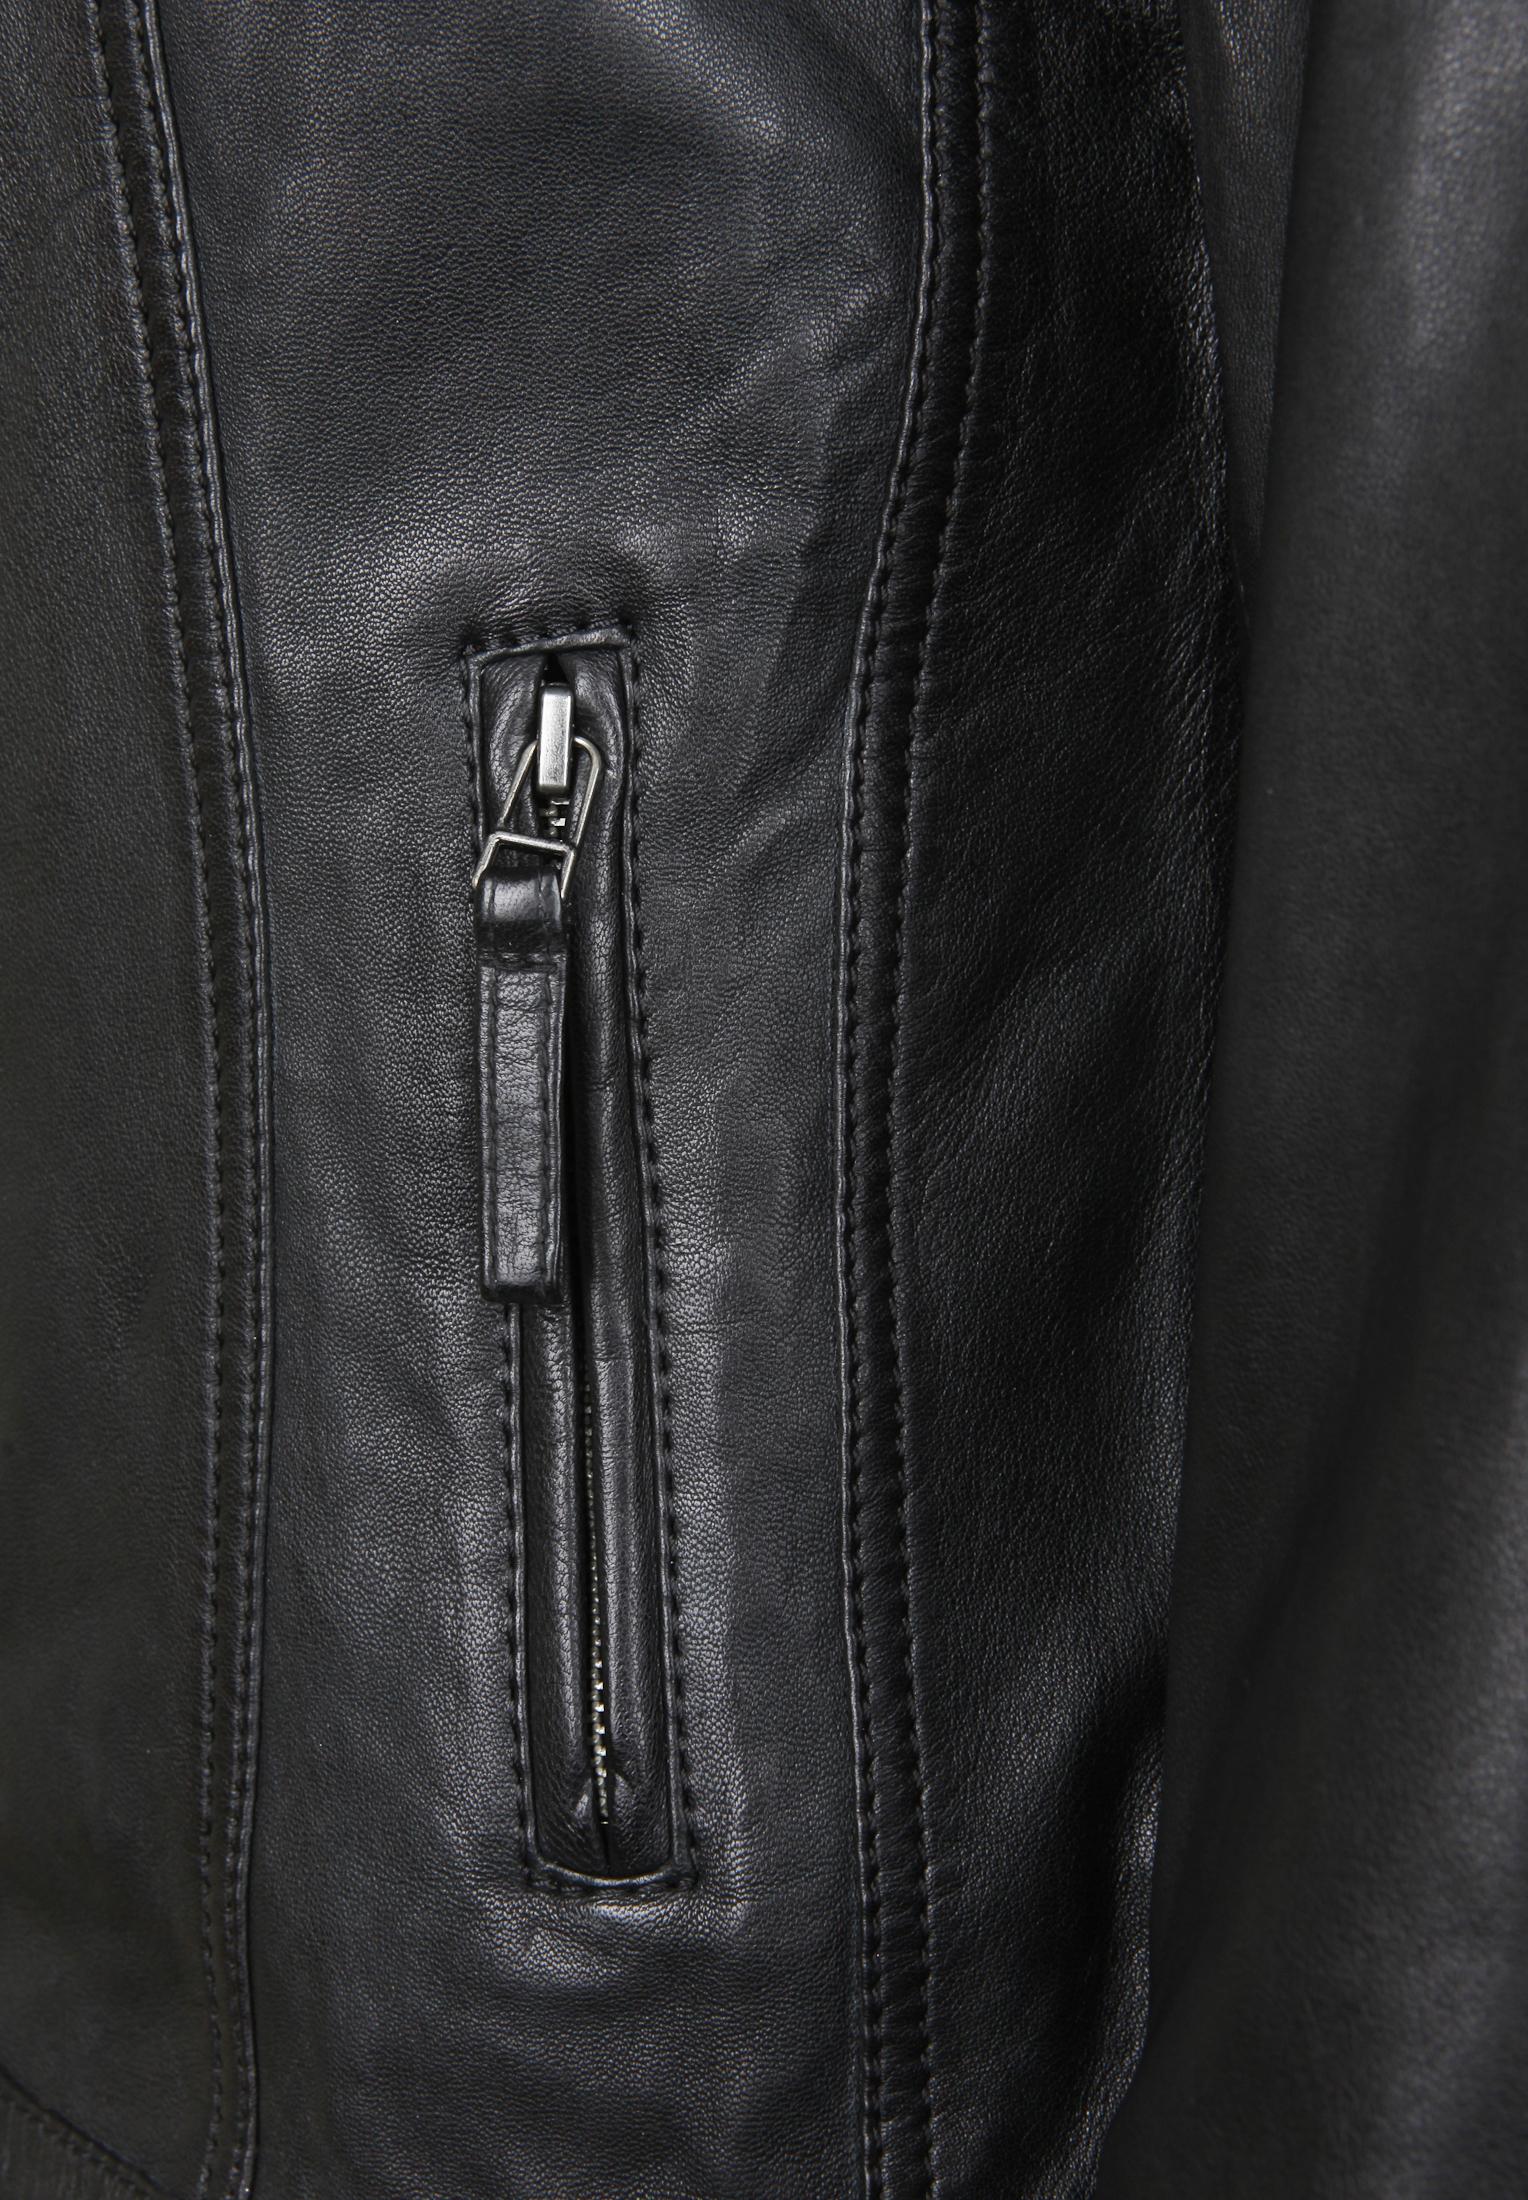 7eleven Lederjacke GRACE in black günstig kaufen